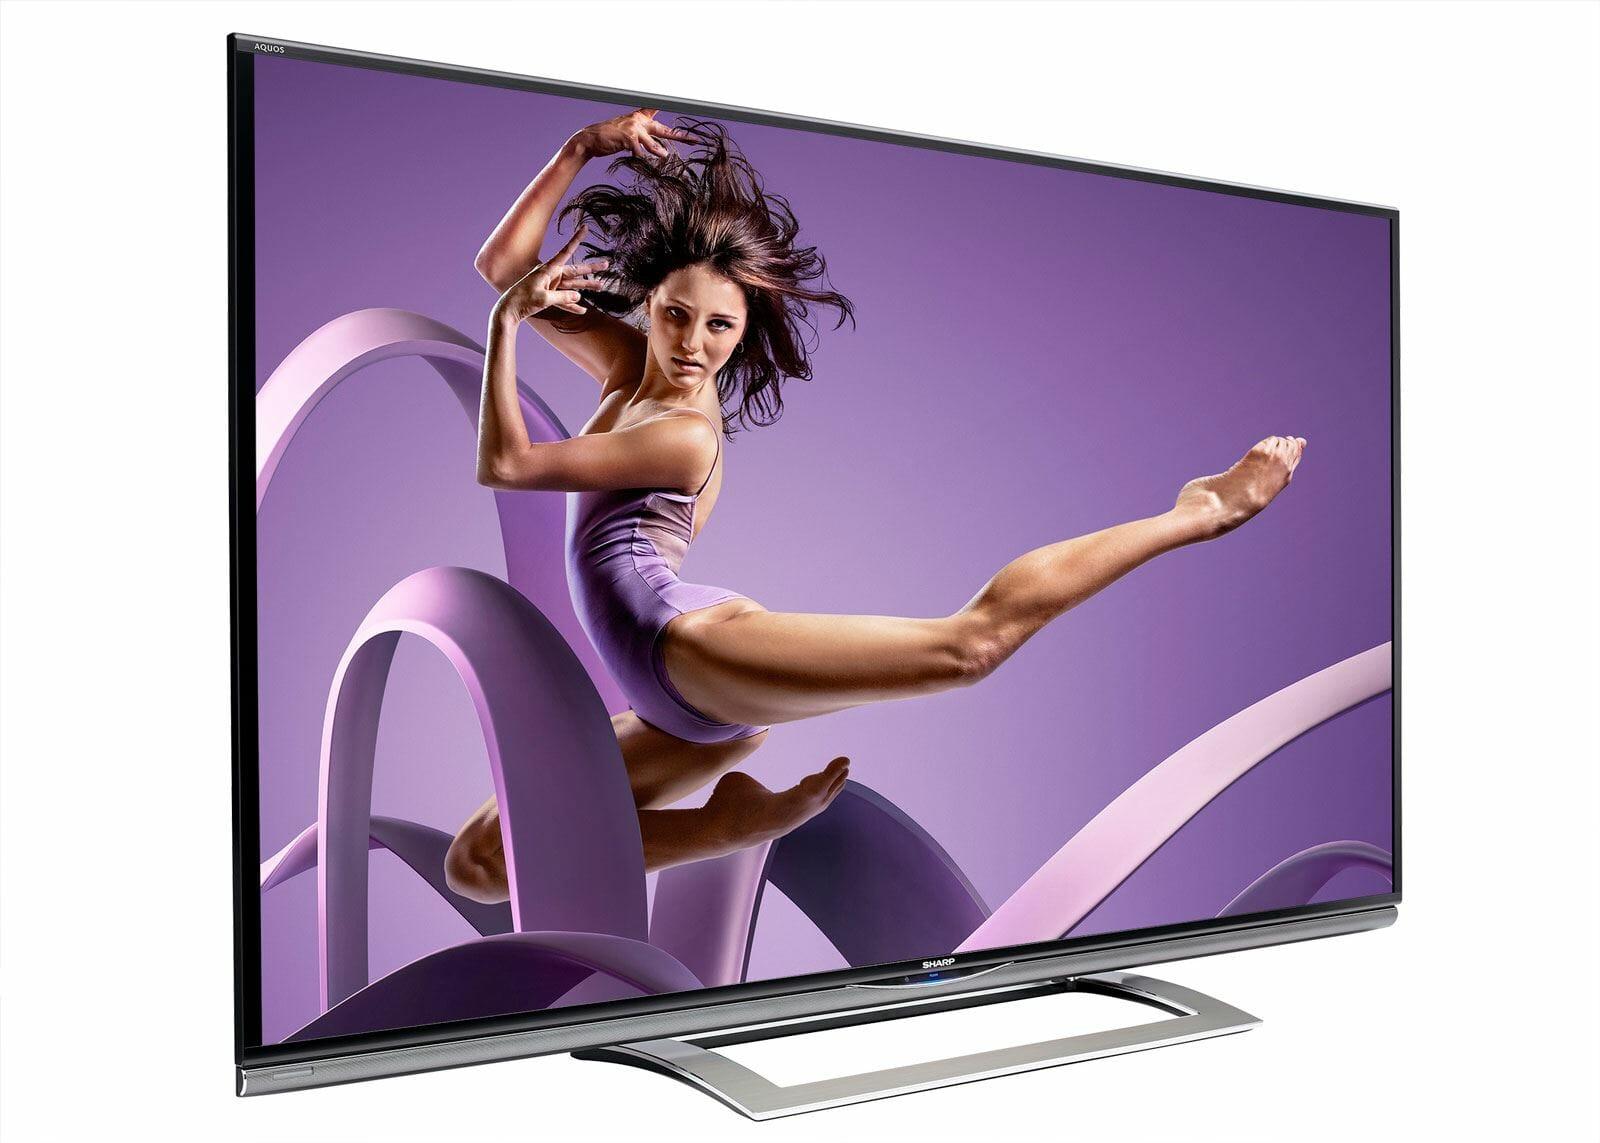 Sharp AQUOS LED 4K ULTRA HD Fernseher von der Seite